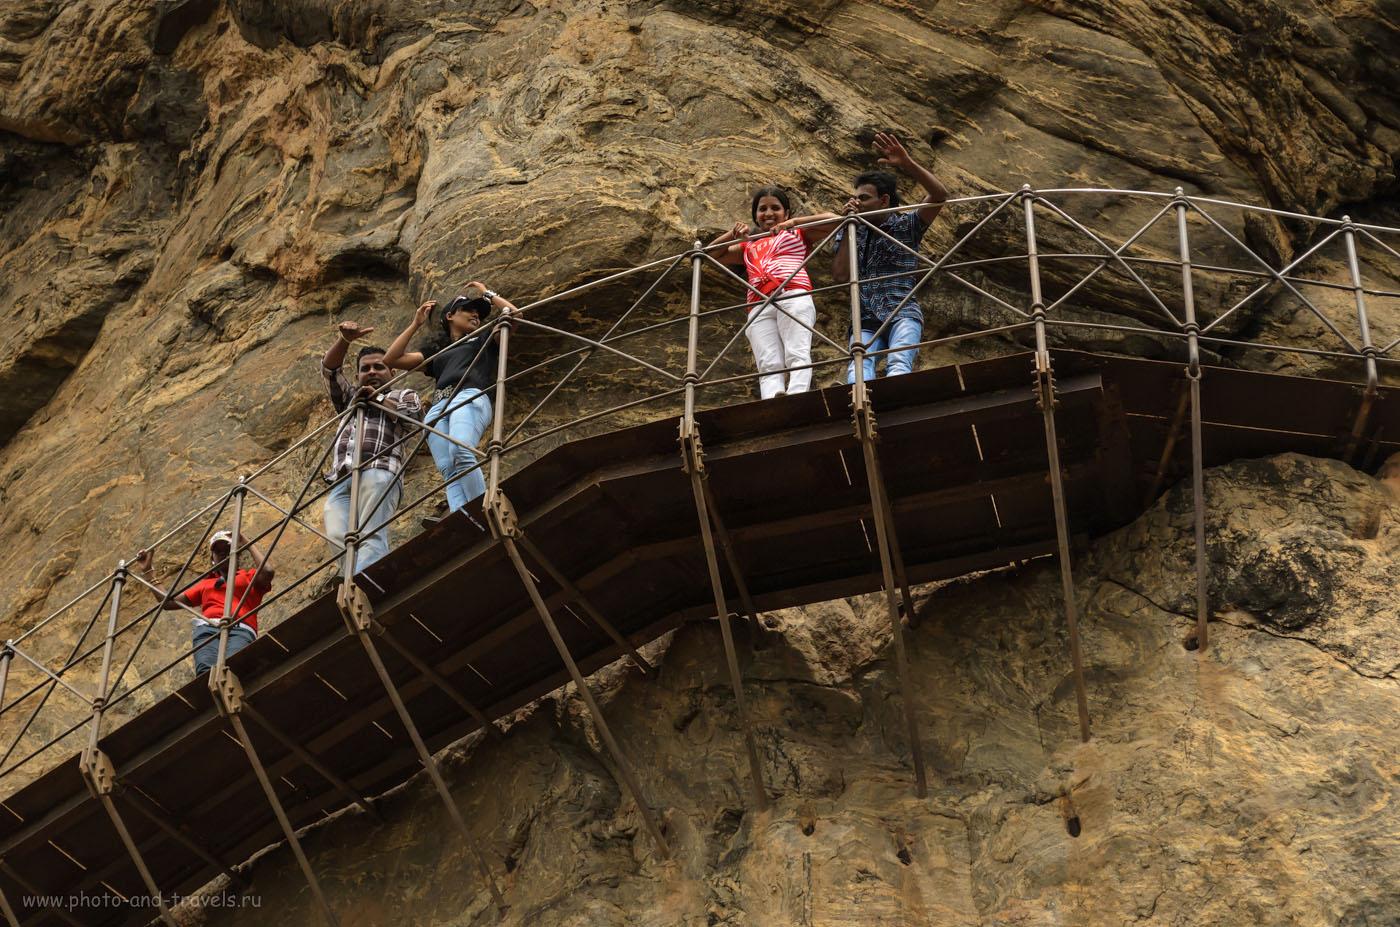 Фотография 12. На Шри-Ланке интерес к европейским самостоятельным путешественникам такой острый, что многие посетители не хотят смотреть красоты Сигирии, а хотят наблюдать за белыми человечками. Хотя, это - граждане Индии, они белых туристов видят редко.